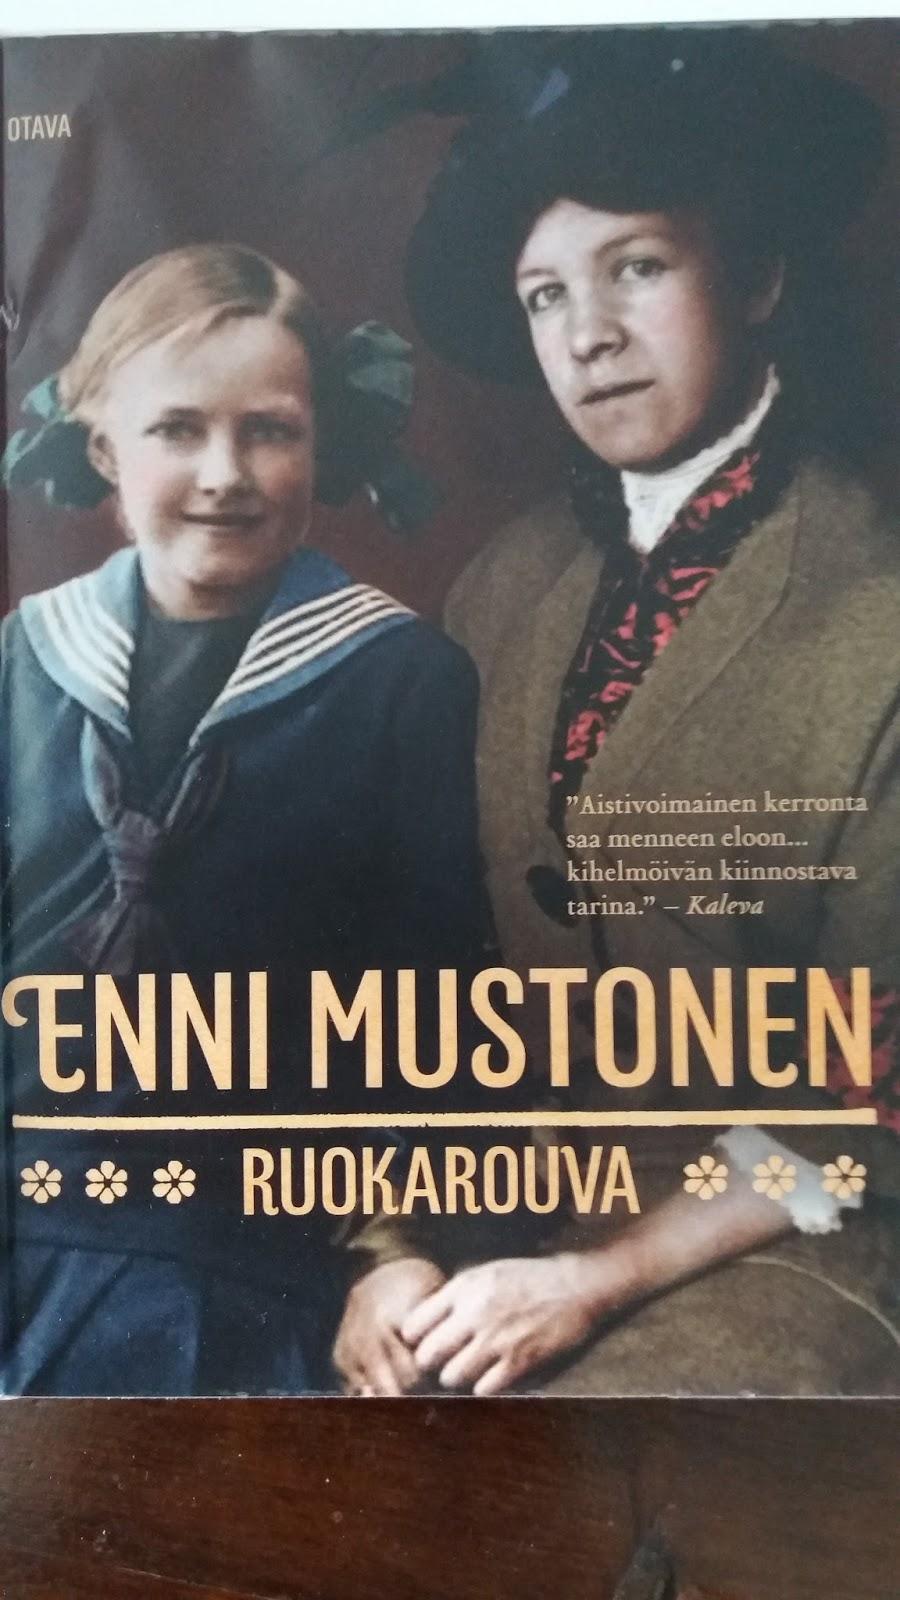 Enni Mustonen